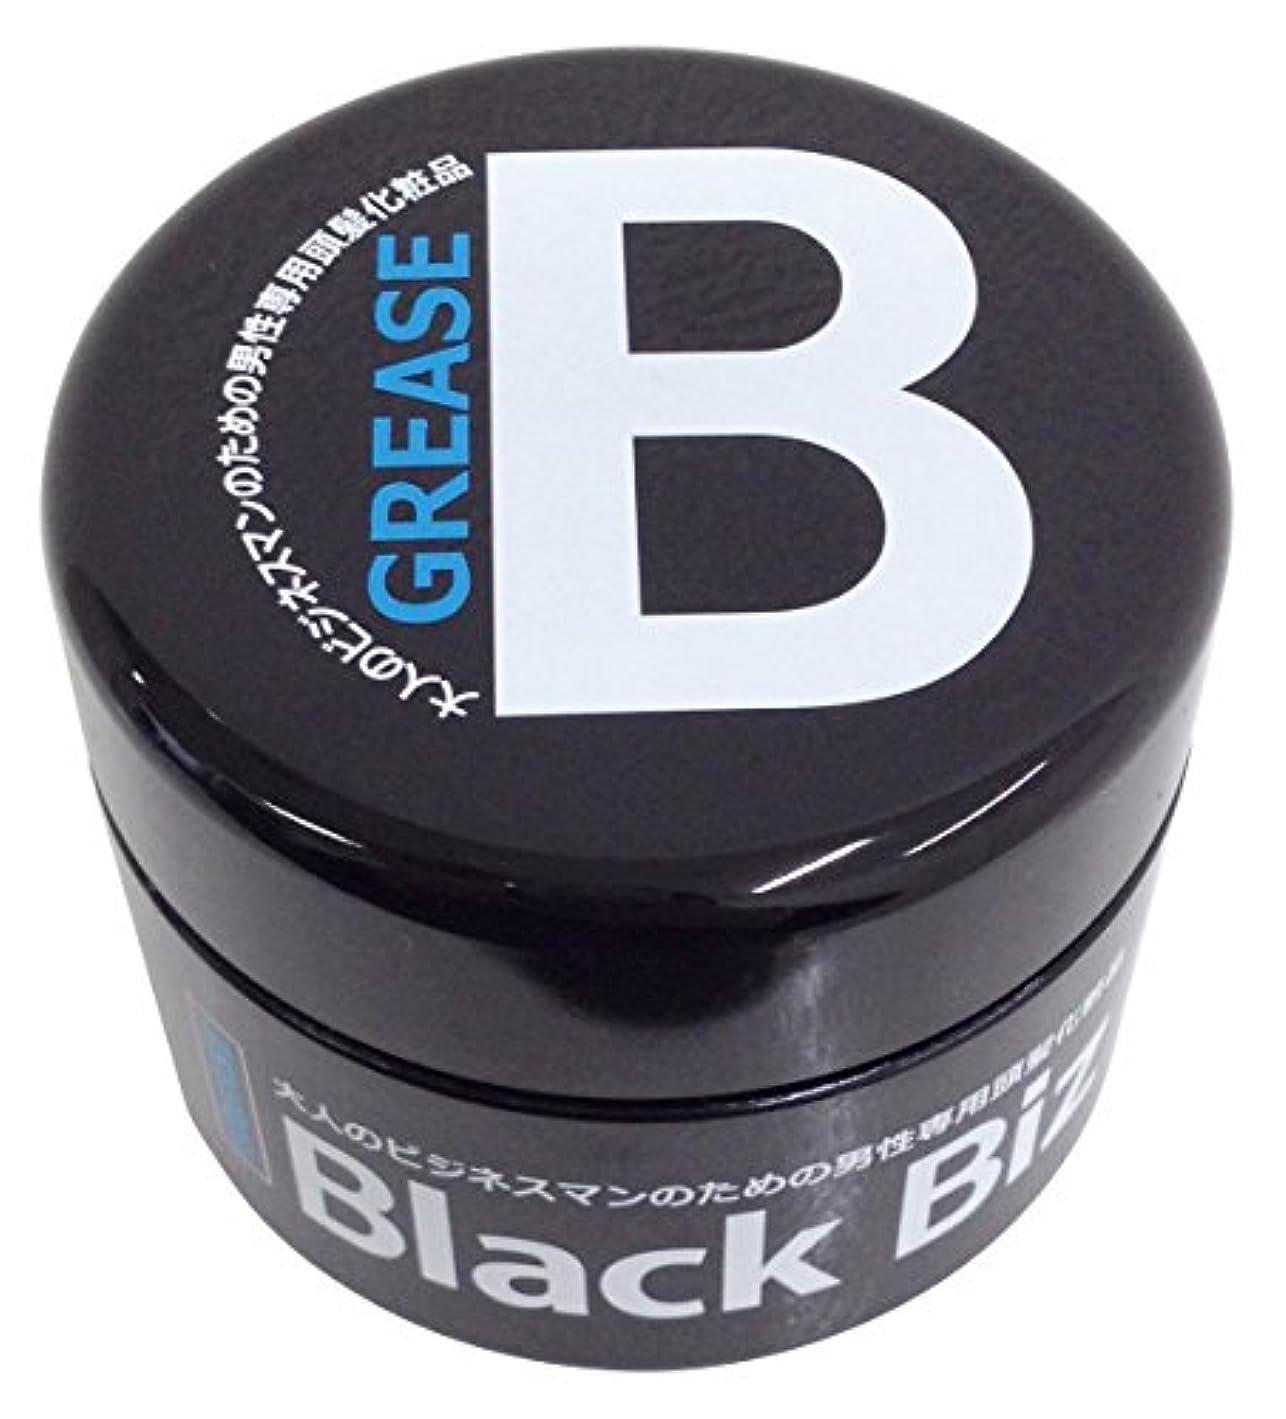 報奨金下手請求可能大人のビジネスマンのための男性専用頭髪化粧品 BlackBiz GREASE SOFT ブラックビズ グリース ソフト